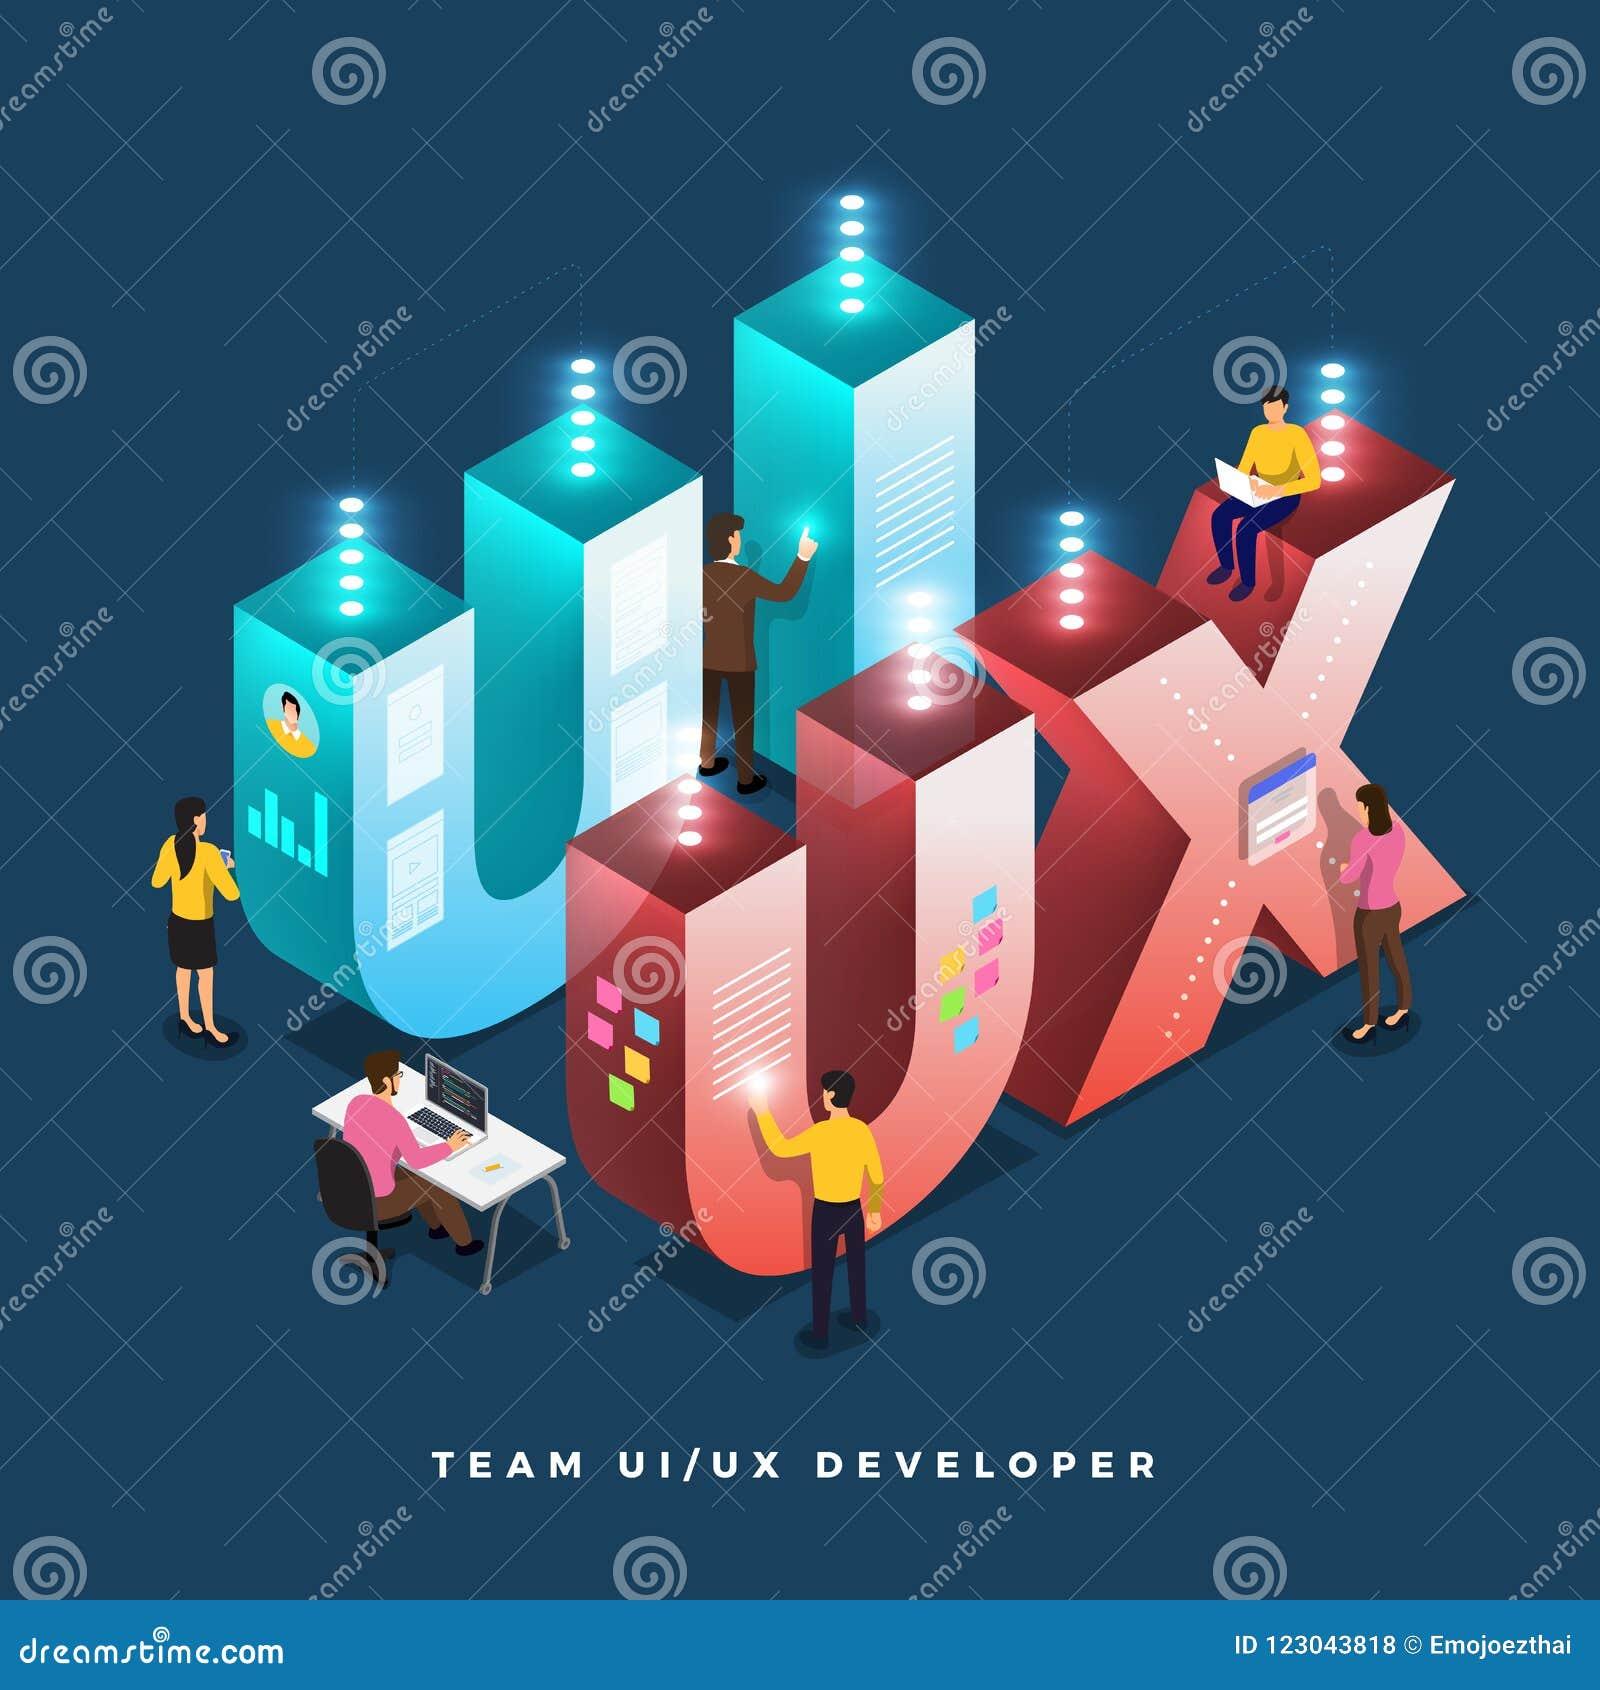 Ui Ux Developer >> Teamwork Ui Ux Developer Stock Vector Illustration Of Business